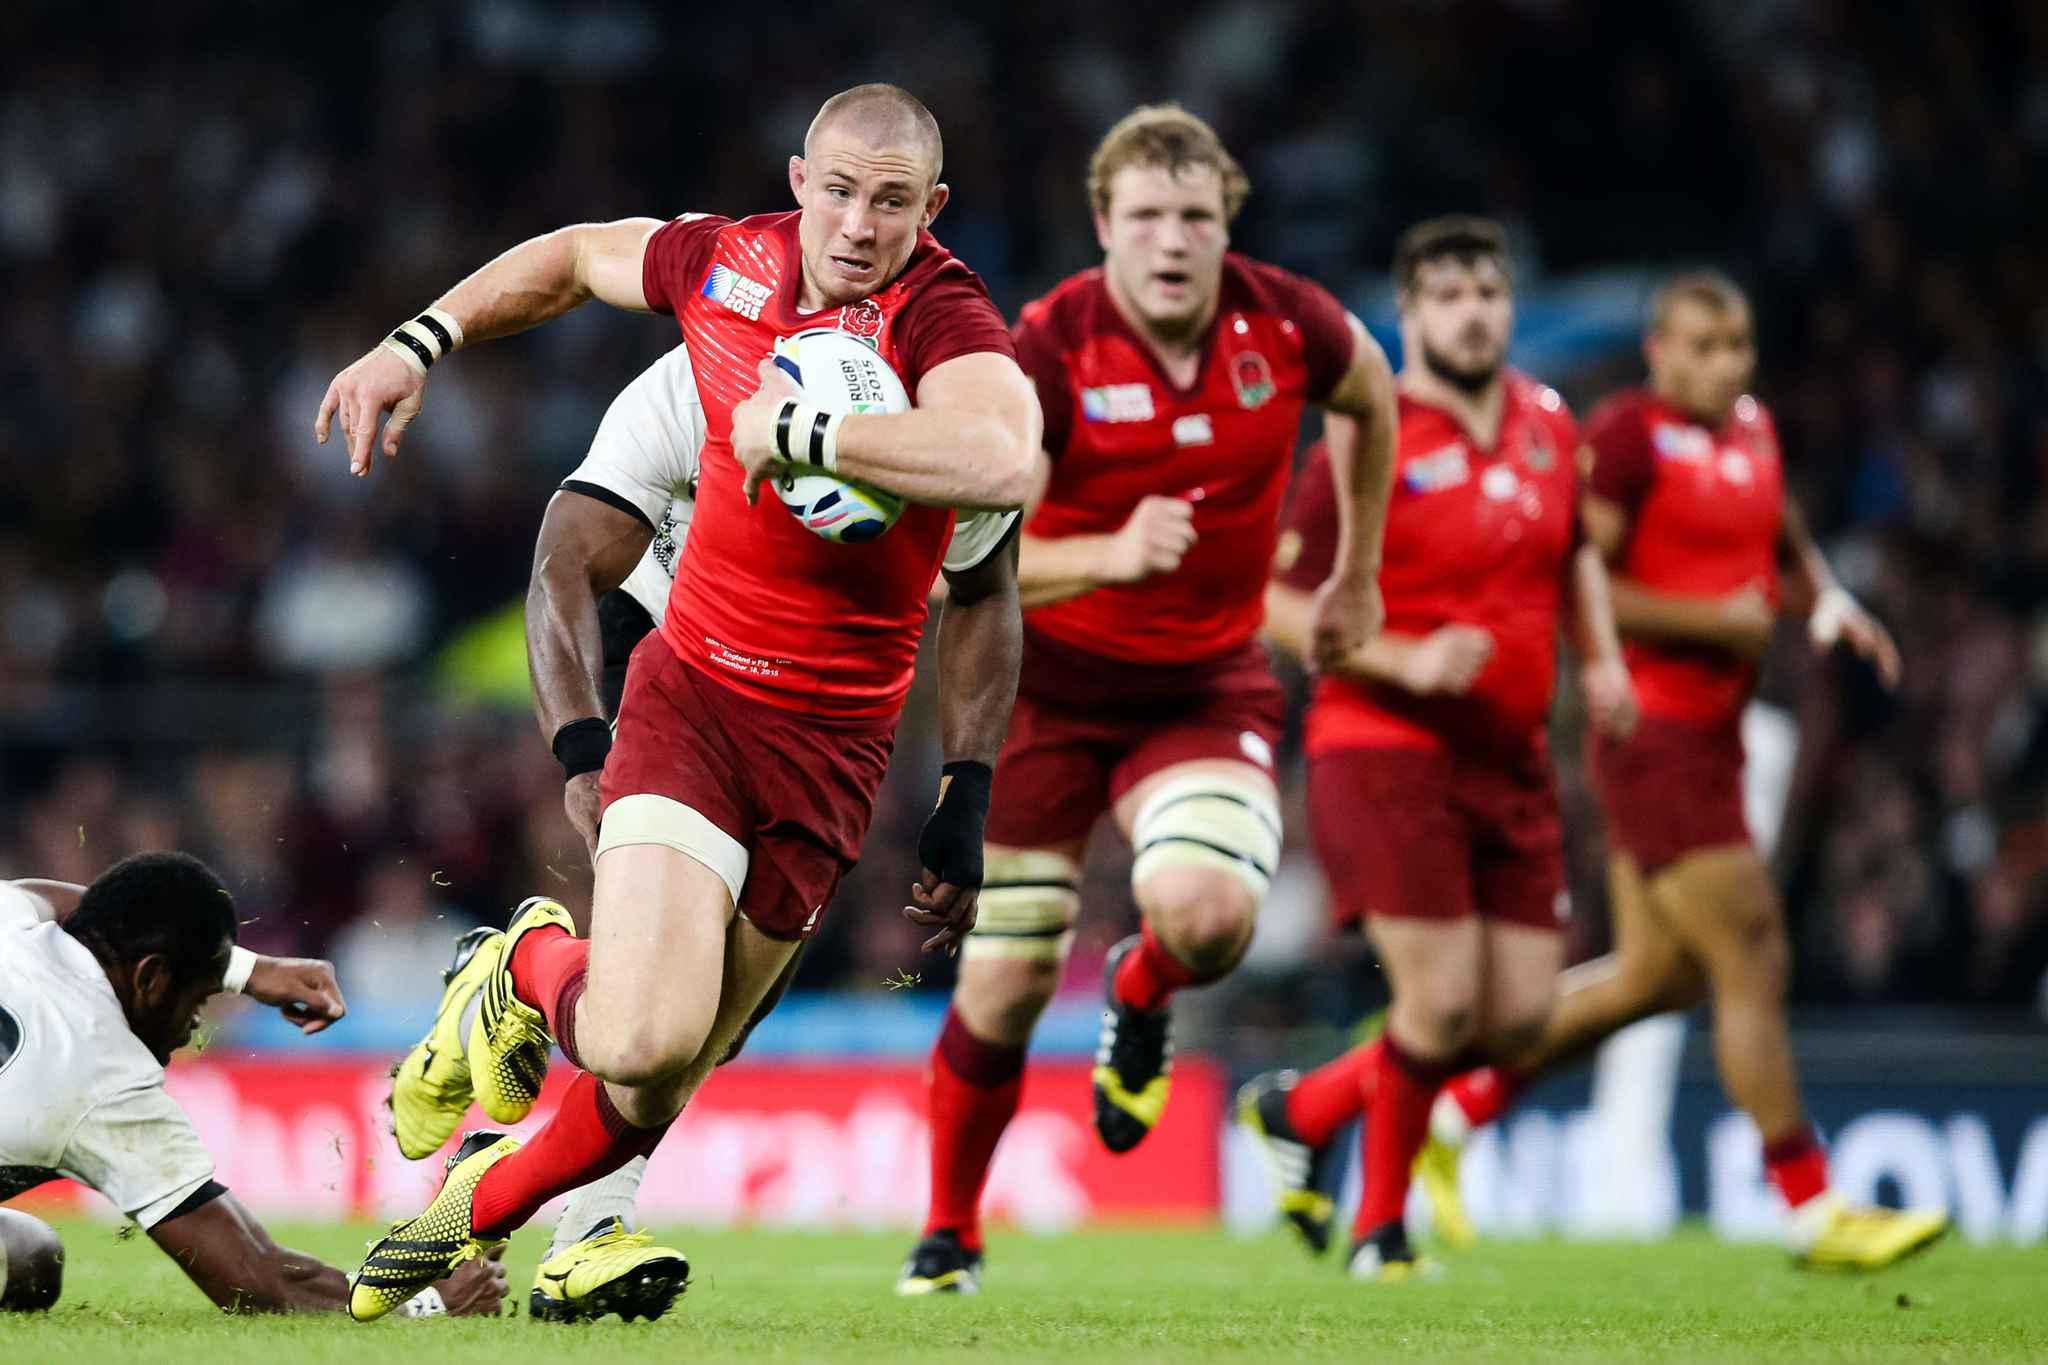 Coupe du monde la sensationnelle victoire du pays de - Coupe du monde de rugby en angleterre ...